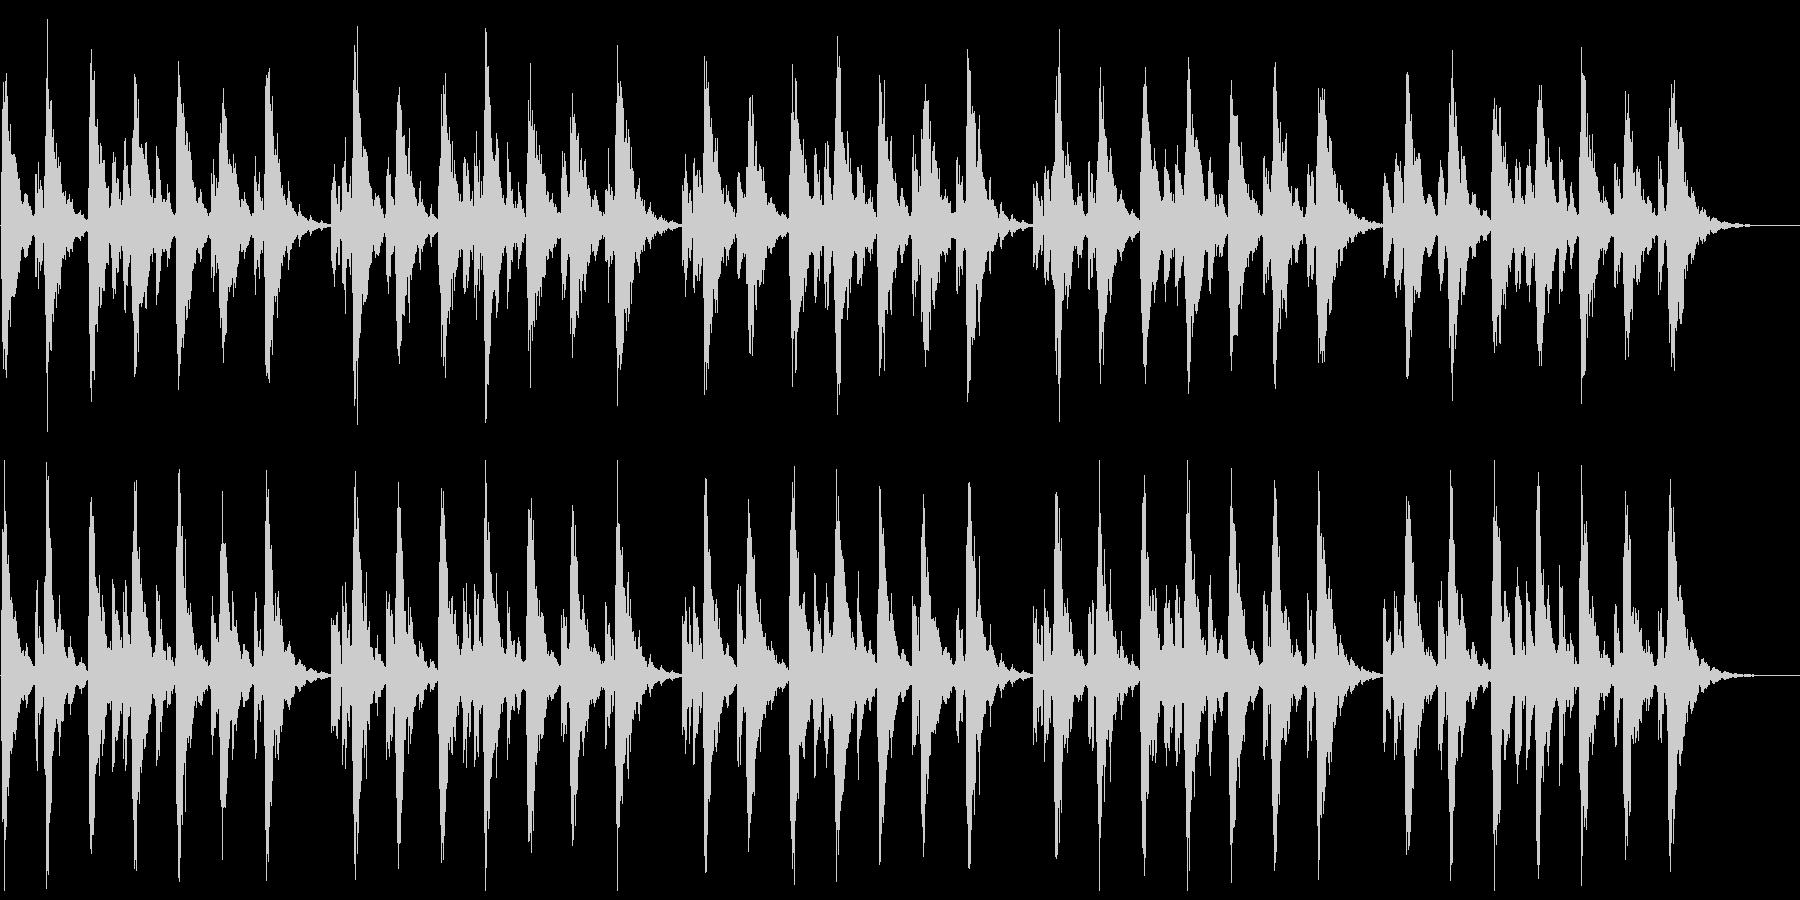 シンセの心地よいBGM(パッドなし)の未再生の波形